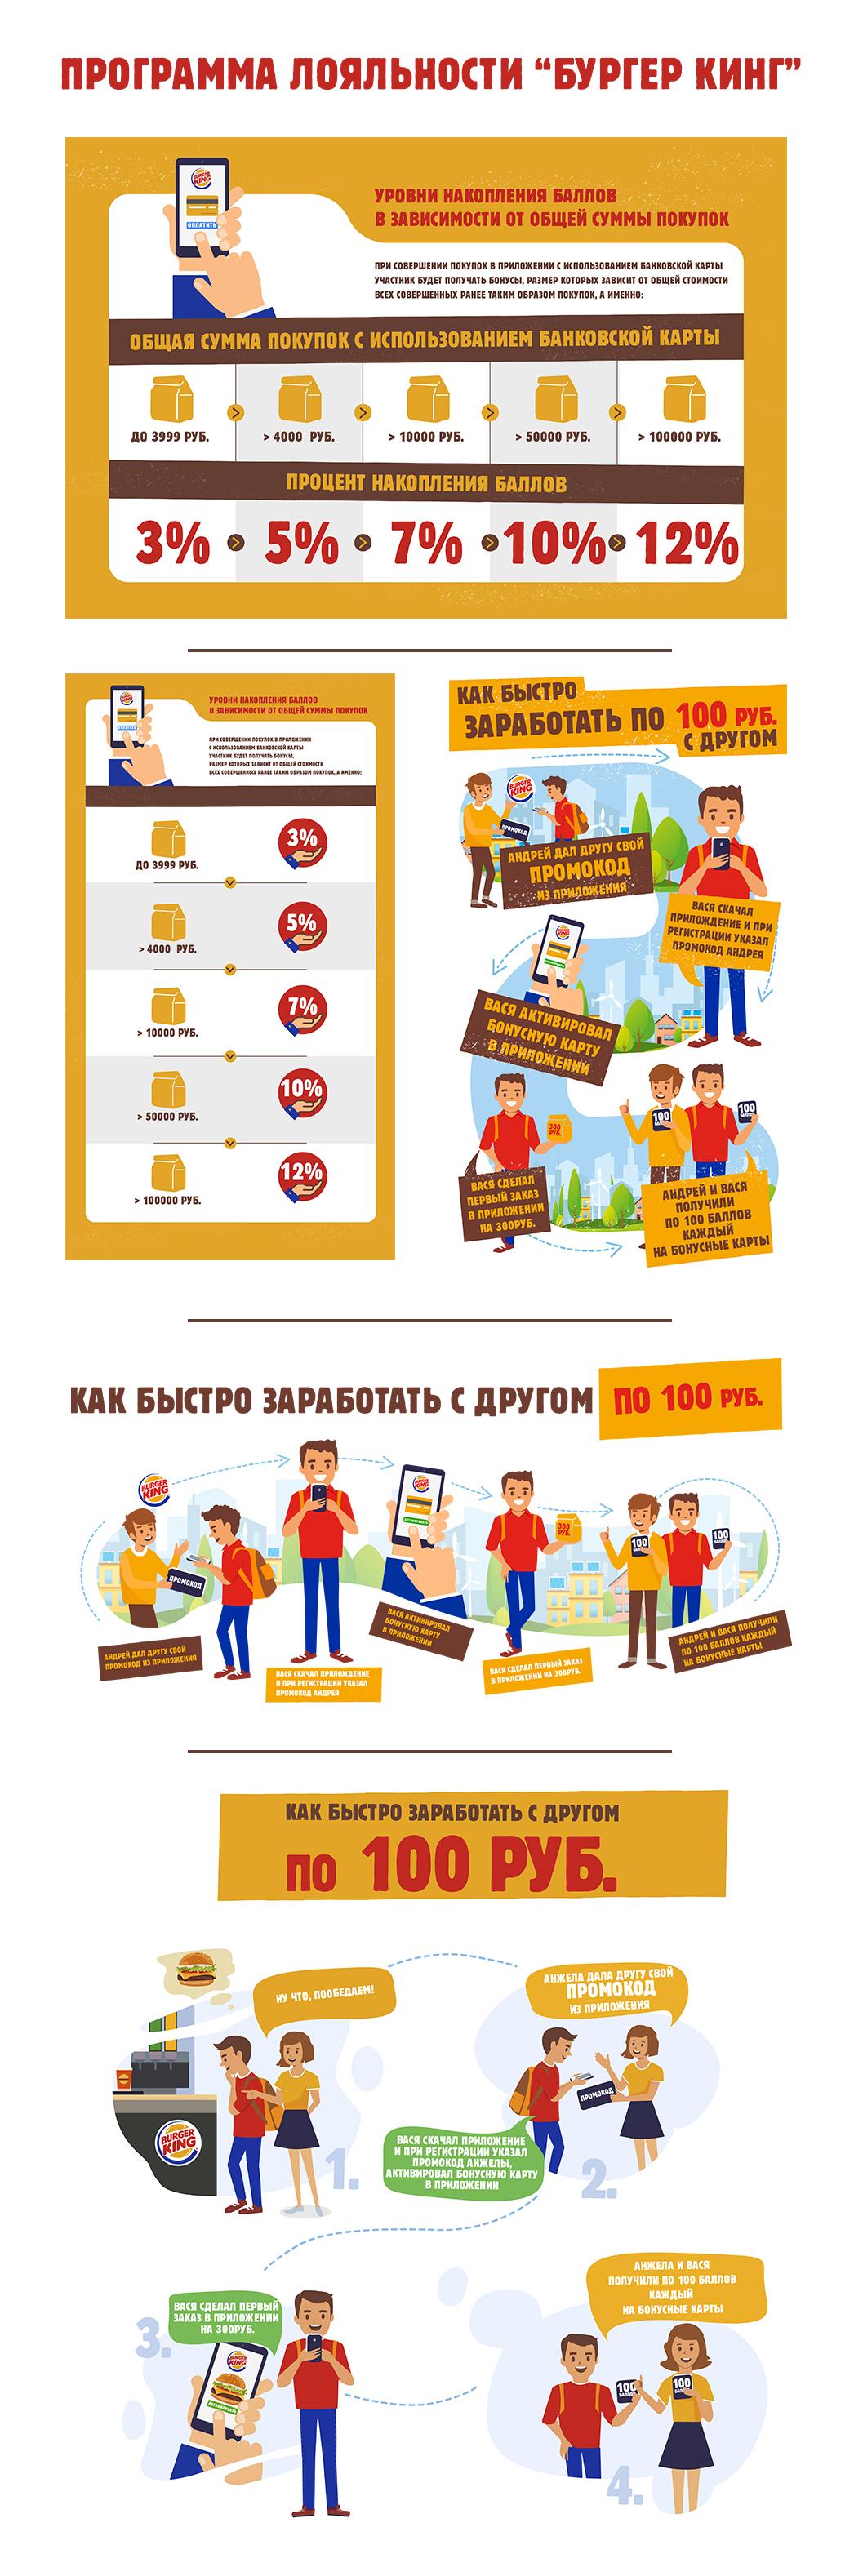 Дизайн полиграфии на квест игру для Бургер Кинг. Программа лояльности для саита и приложения